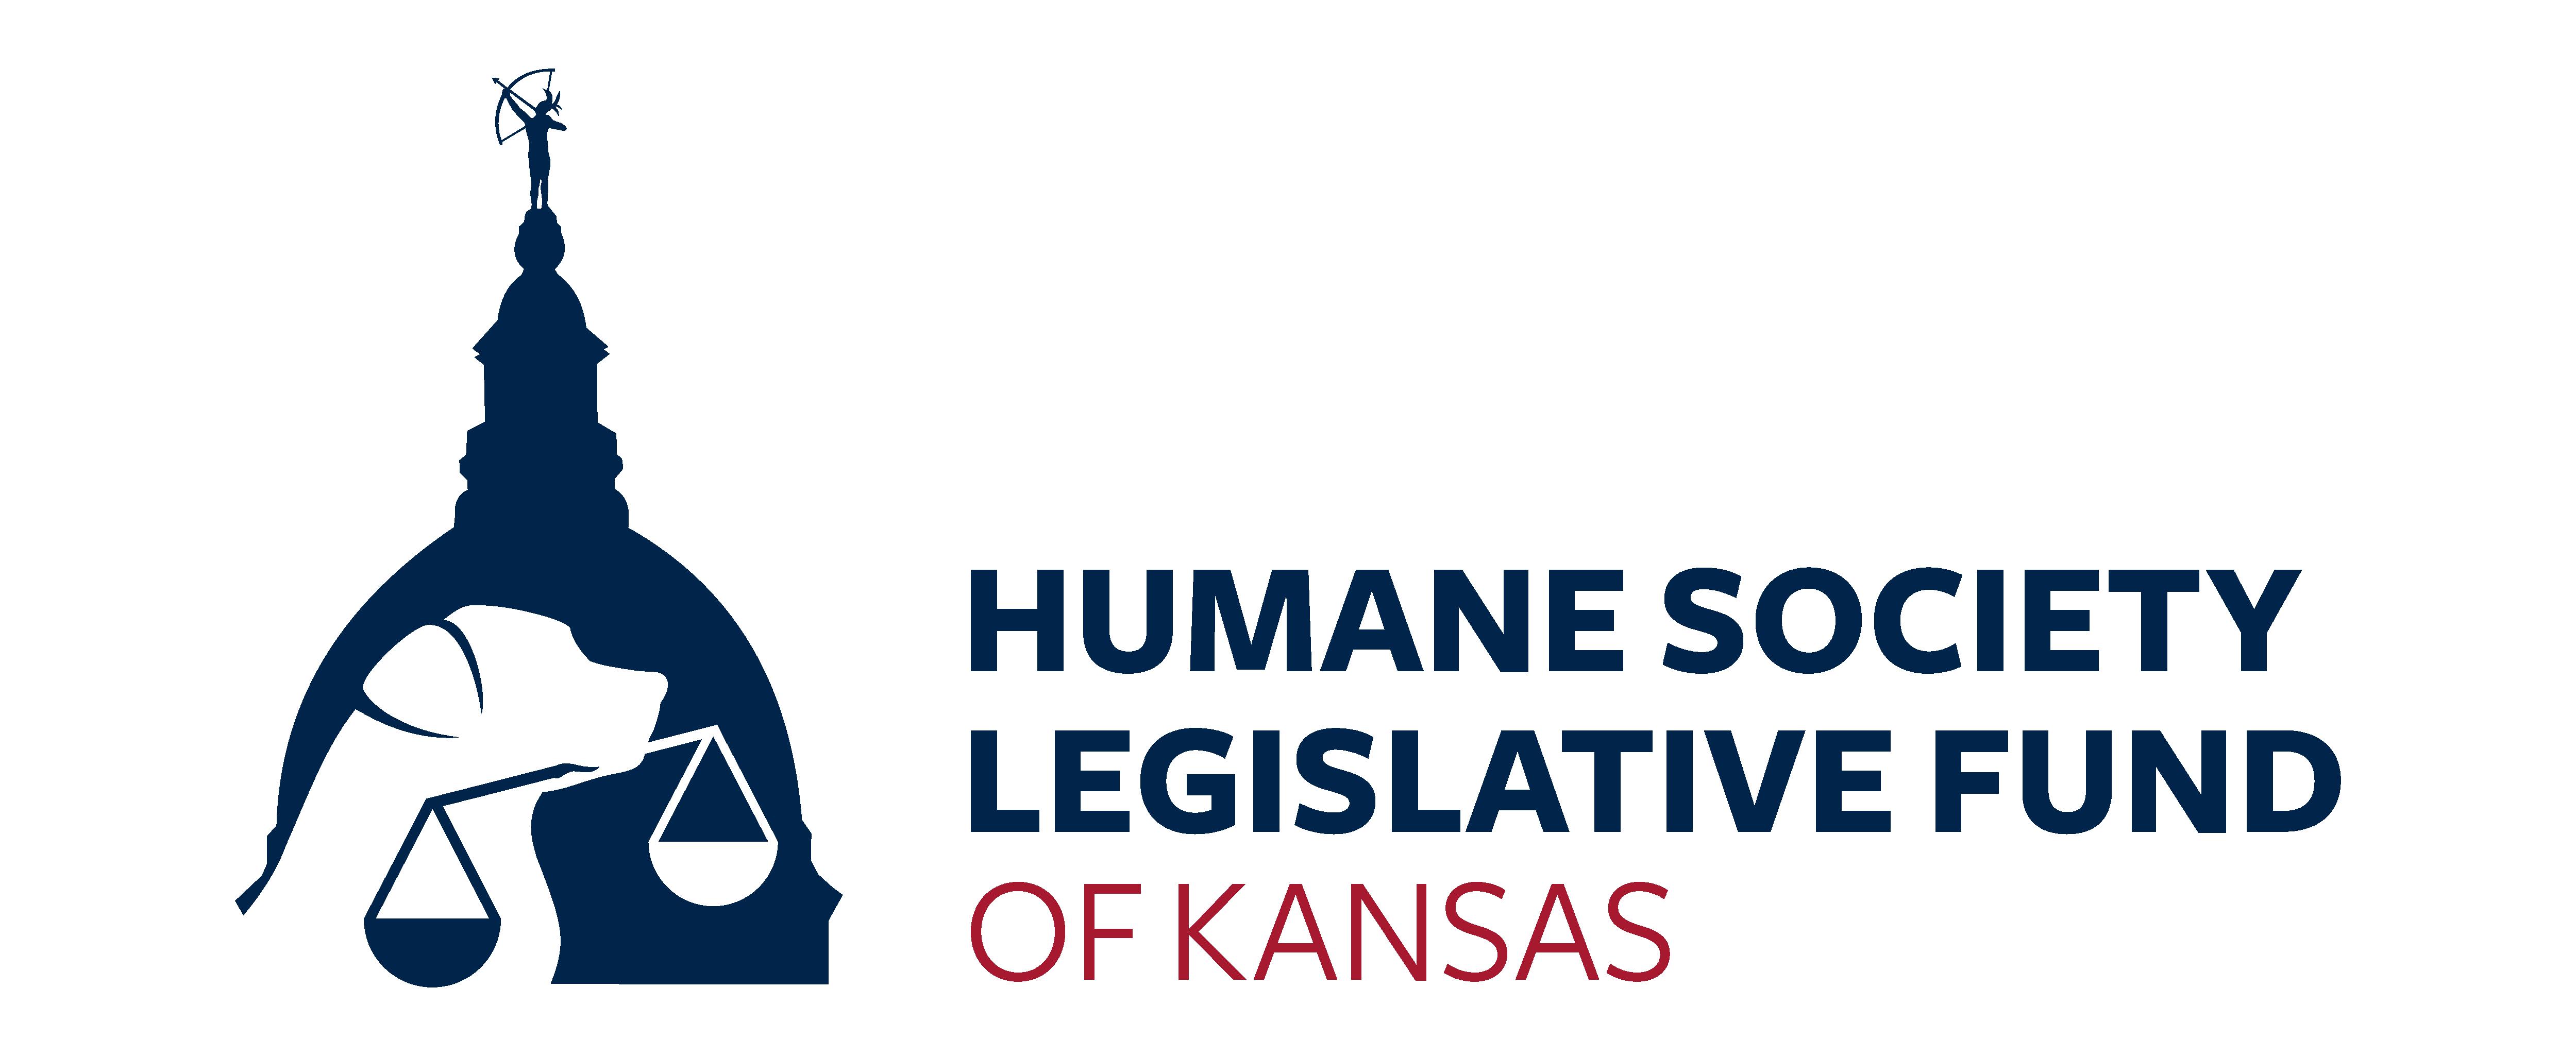 HSLF - Kansas